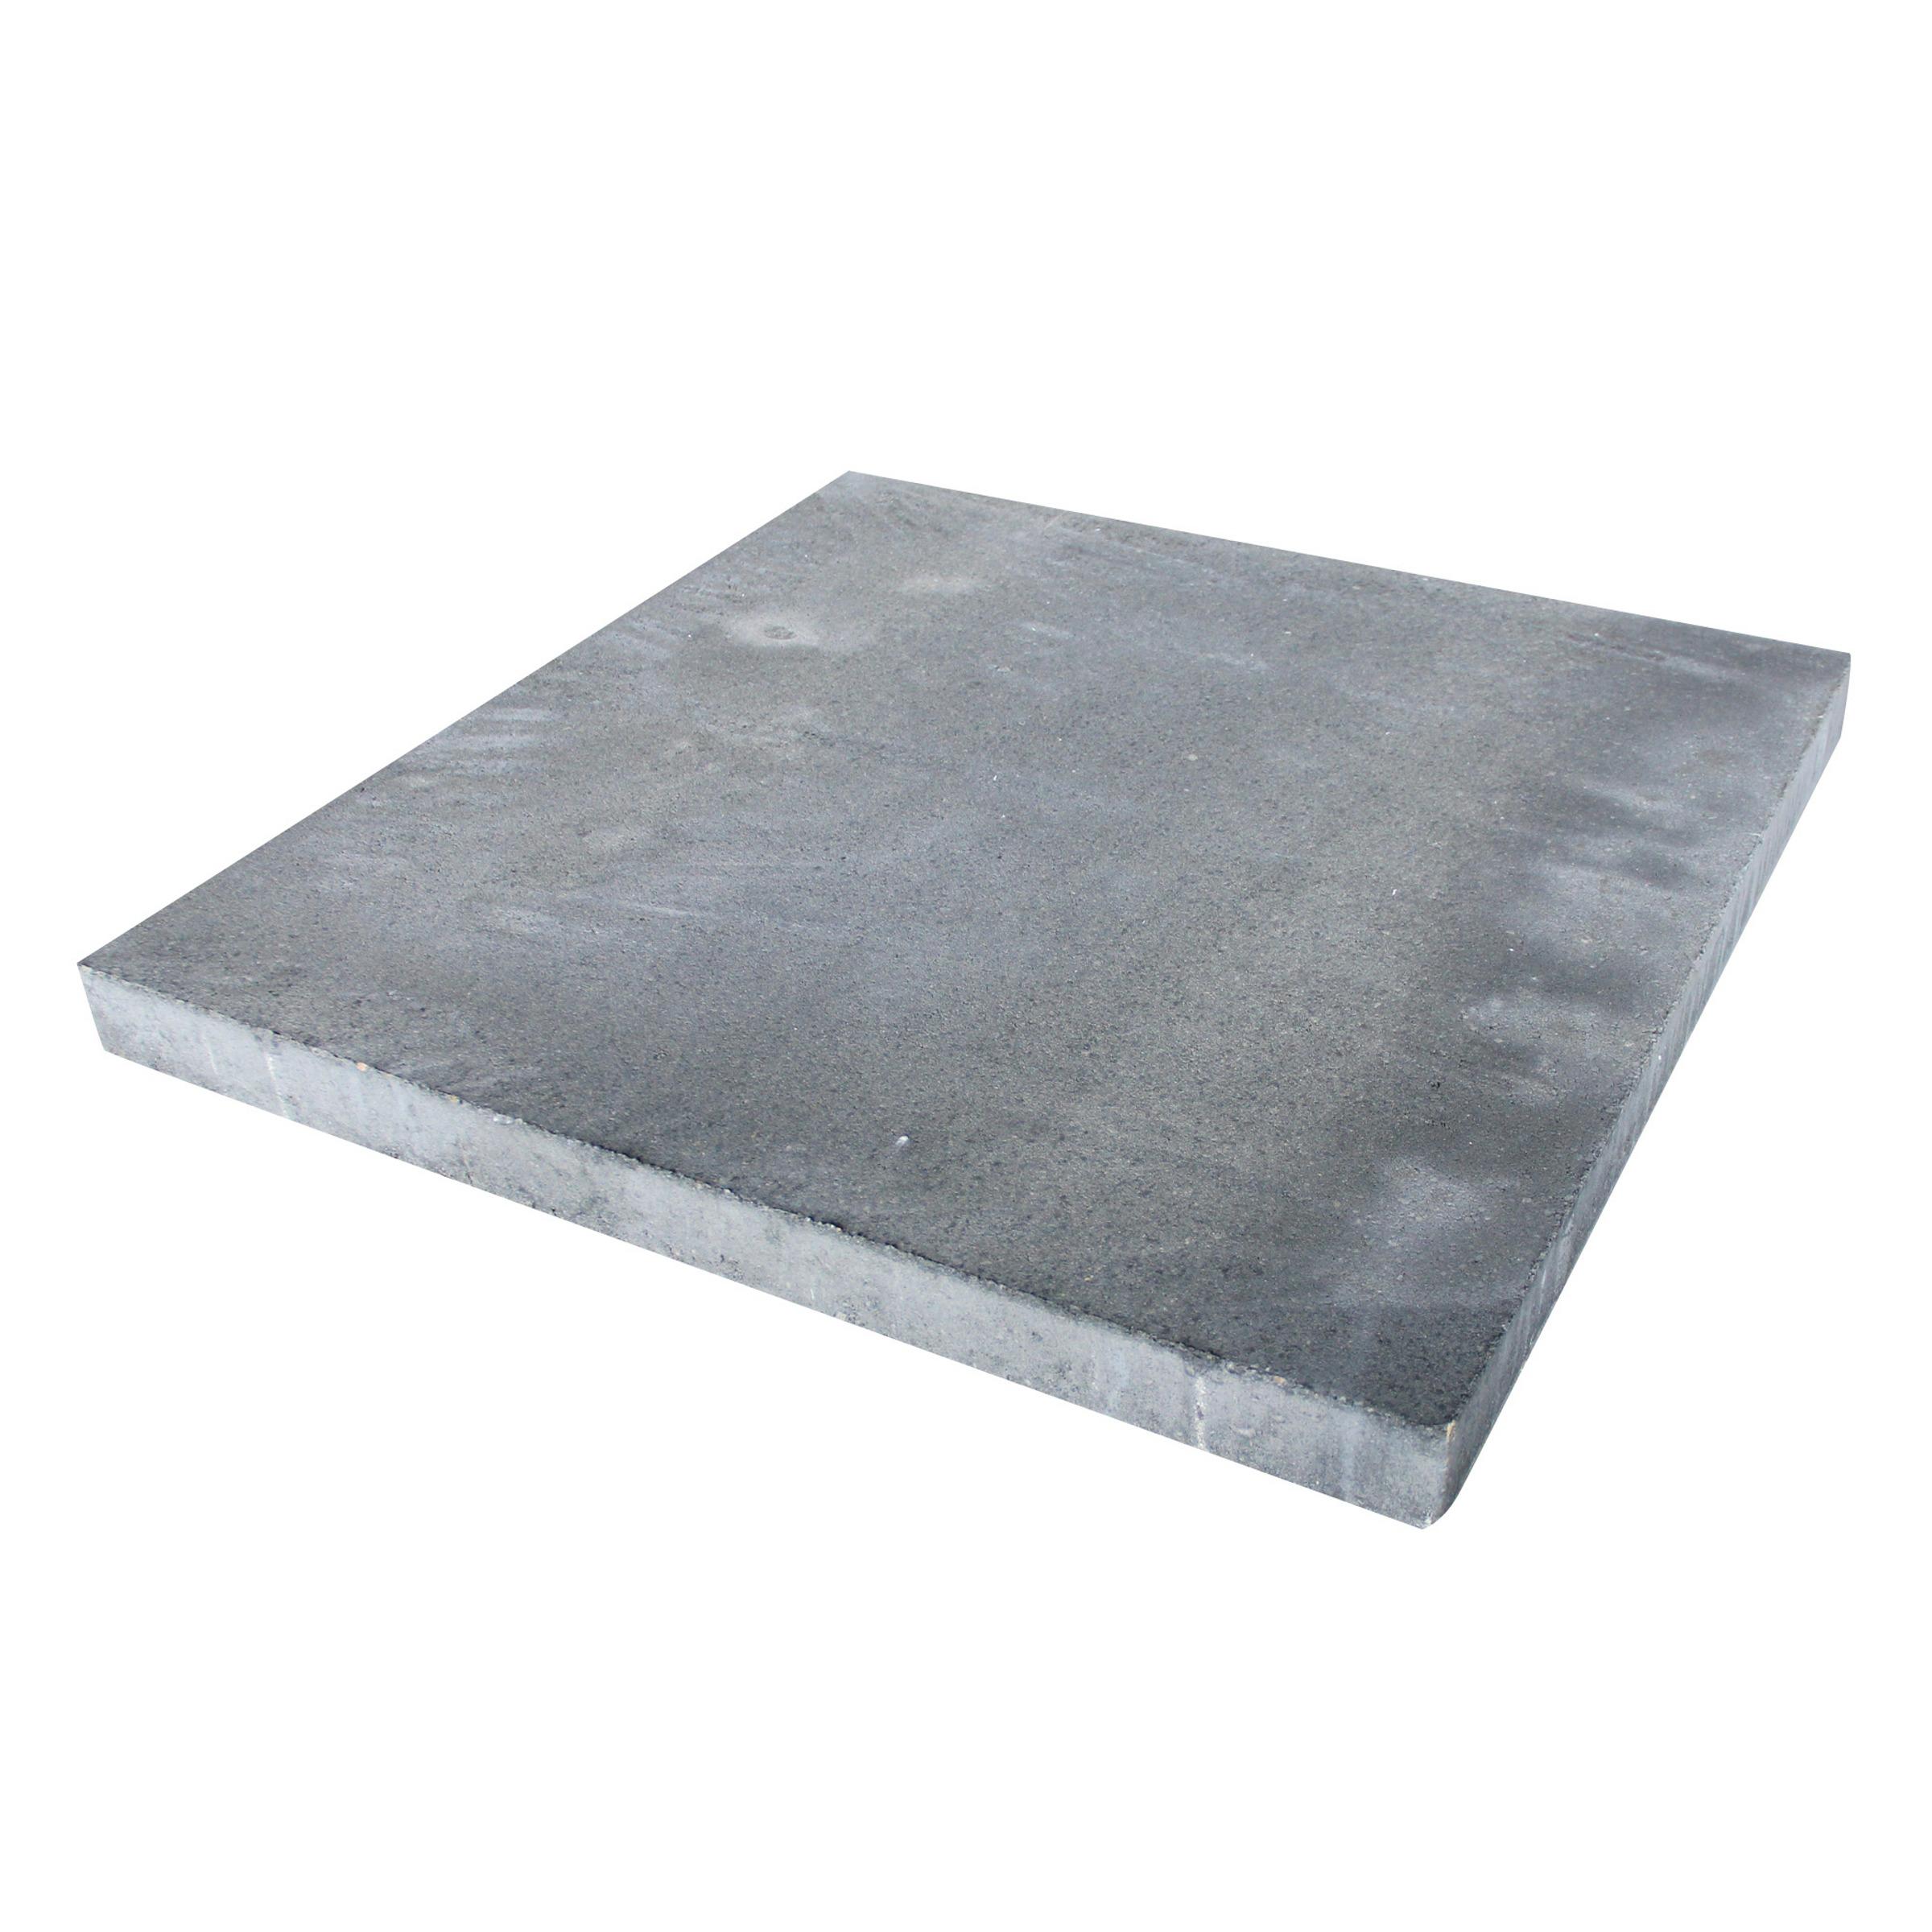 Terrastegel Beton Broadway Grijs 60x60 cm - Per Tegel - 0,36 m2